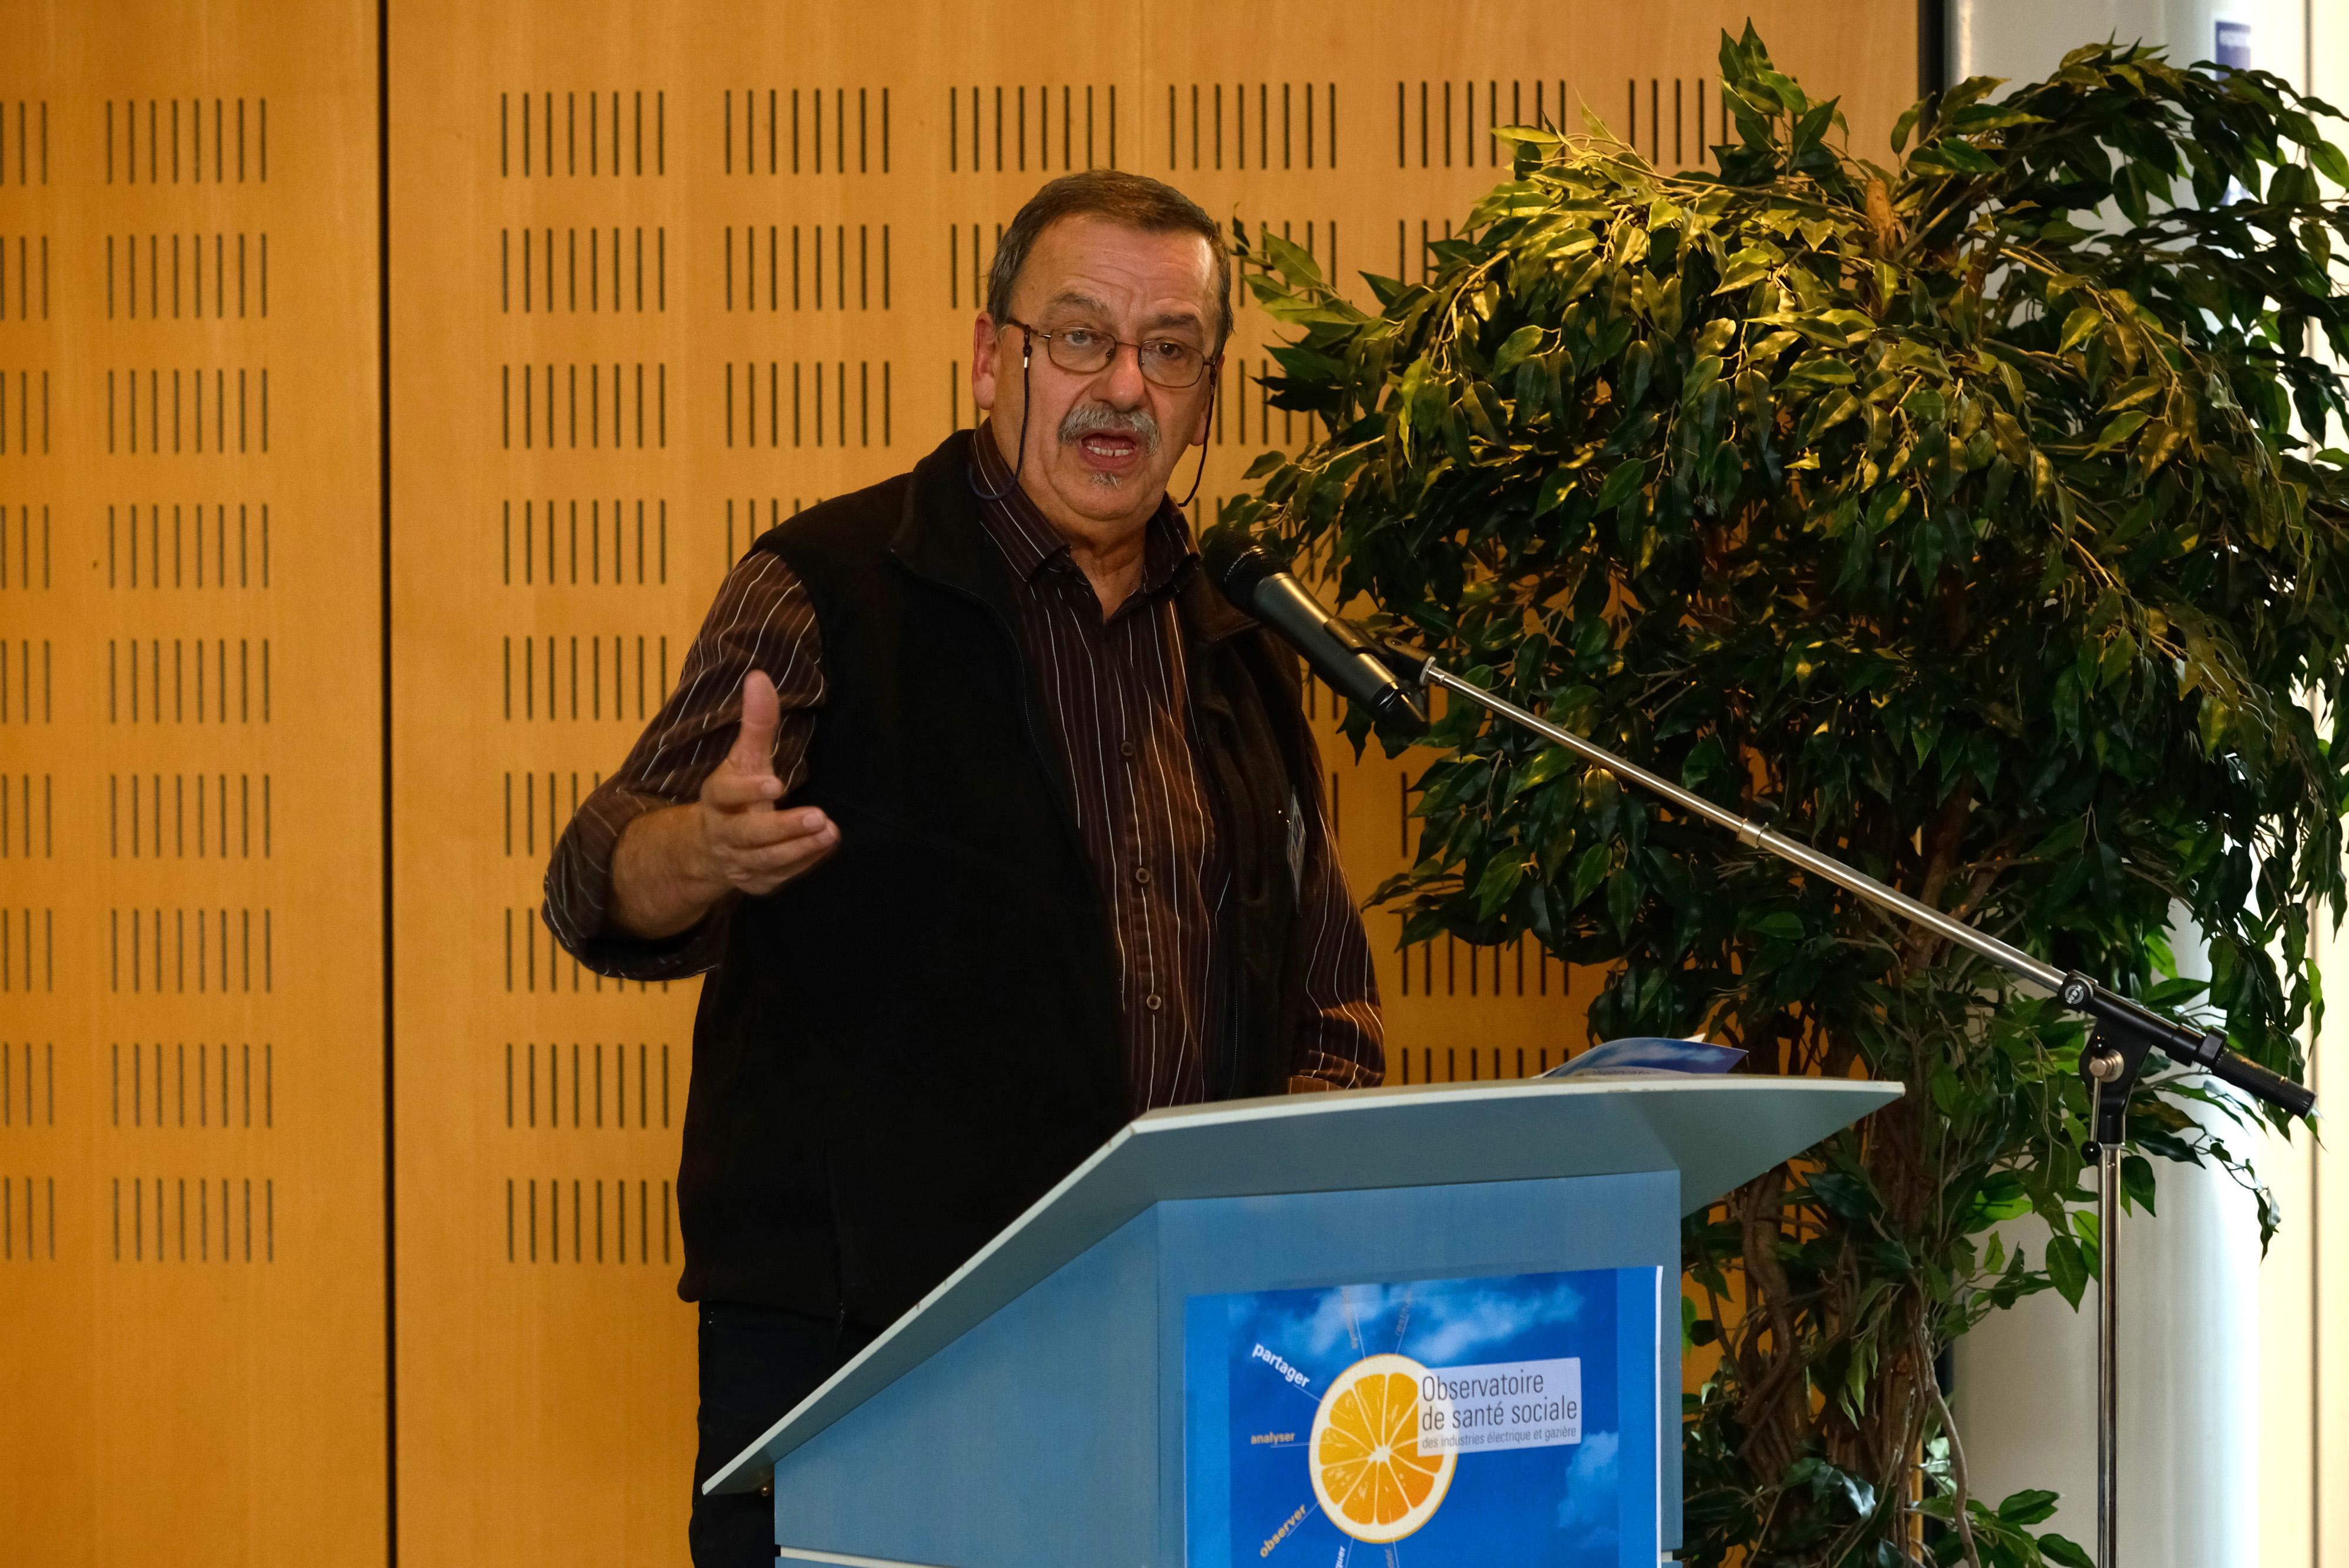 Journée inaugurale de l'Observatoire de Santé Sociale 27 novembre 2013 à Montreuil (Projet santé des électriciens et gaziers) Jean-Louis BARTHES